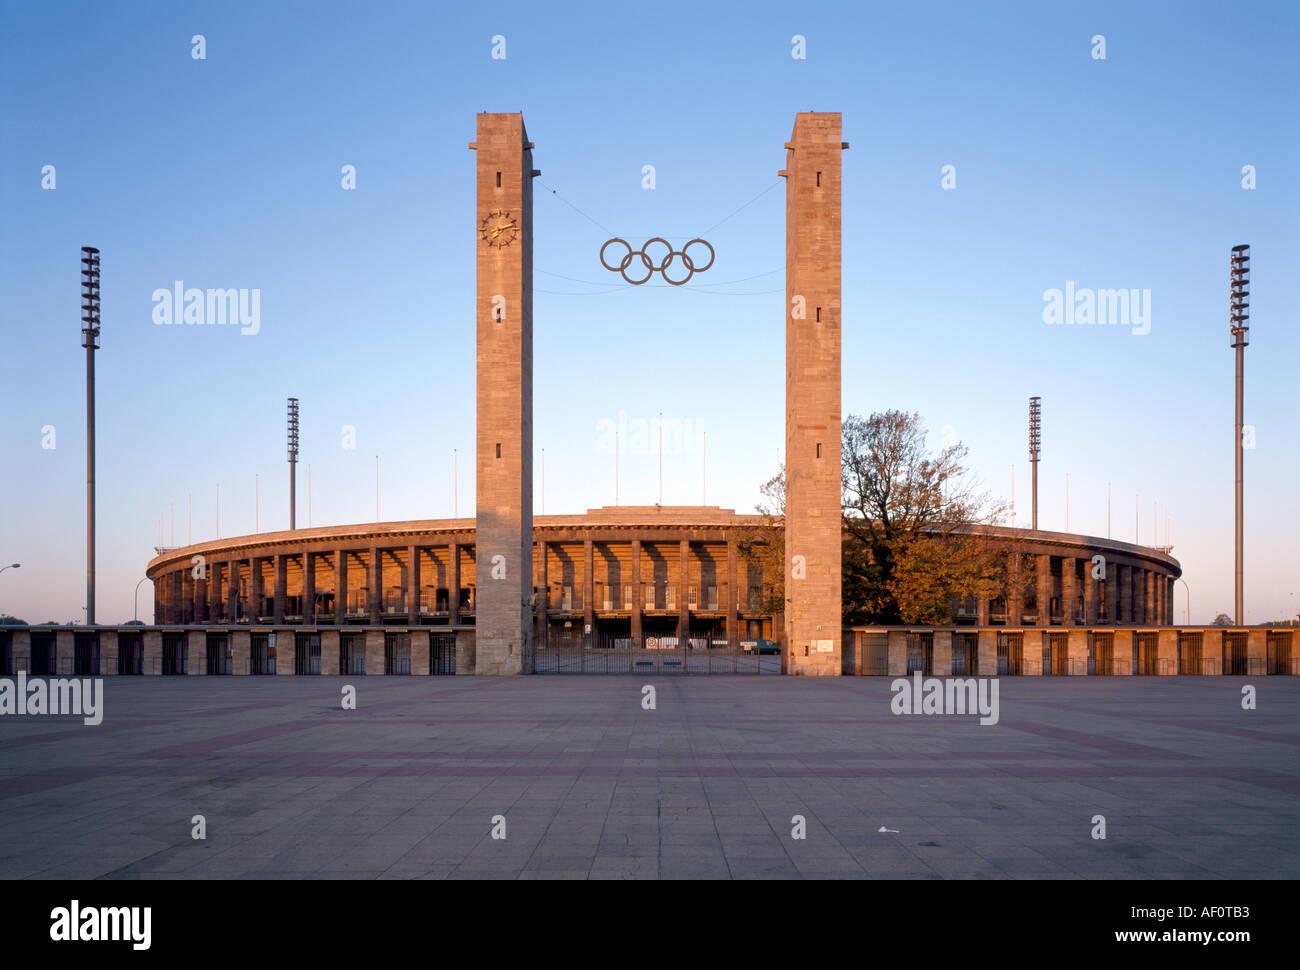 Berlin-Charlottenburg, Olympiastadion, Blick von Osten - Stock Image